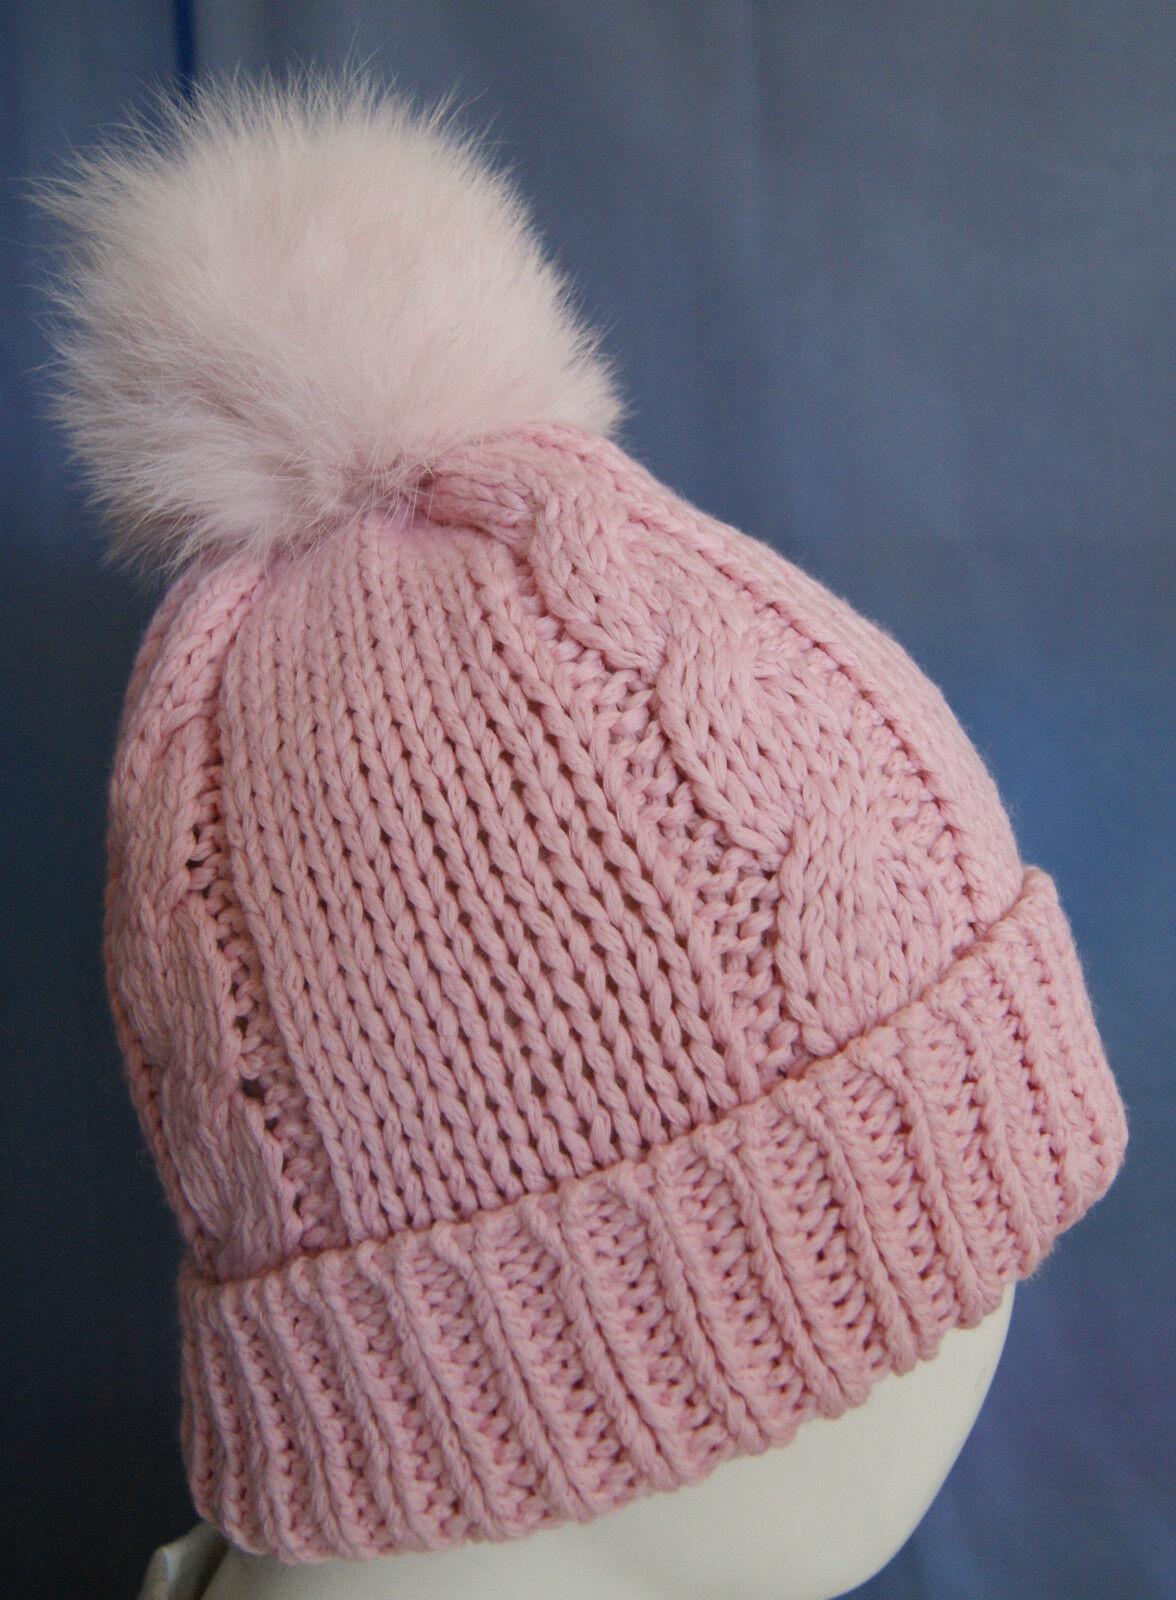 Bommelmütze, Wintermütze, Mütze mit mit mit Echt Fell Bommel Gr. 55-57 | Verkauf Online-Shop  | Elegantes und robustes Menü  | Bequeme Berührung  231653